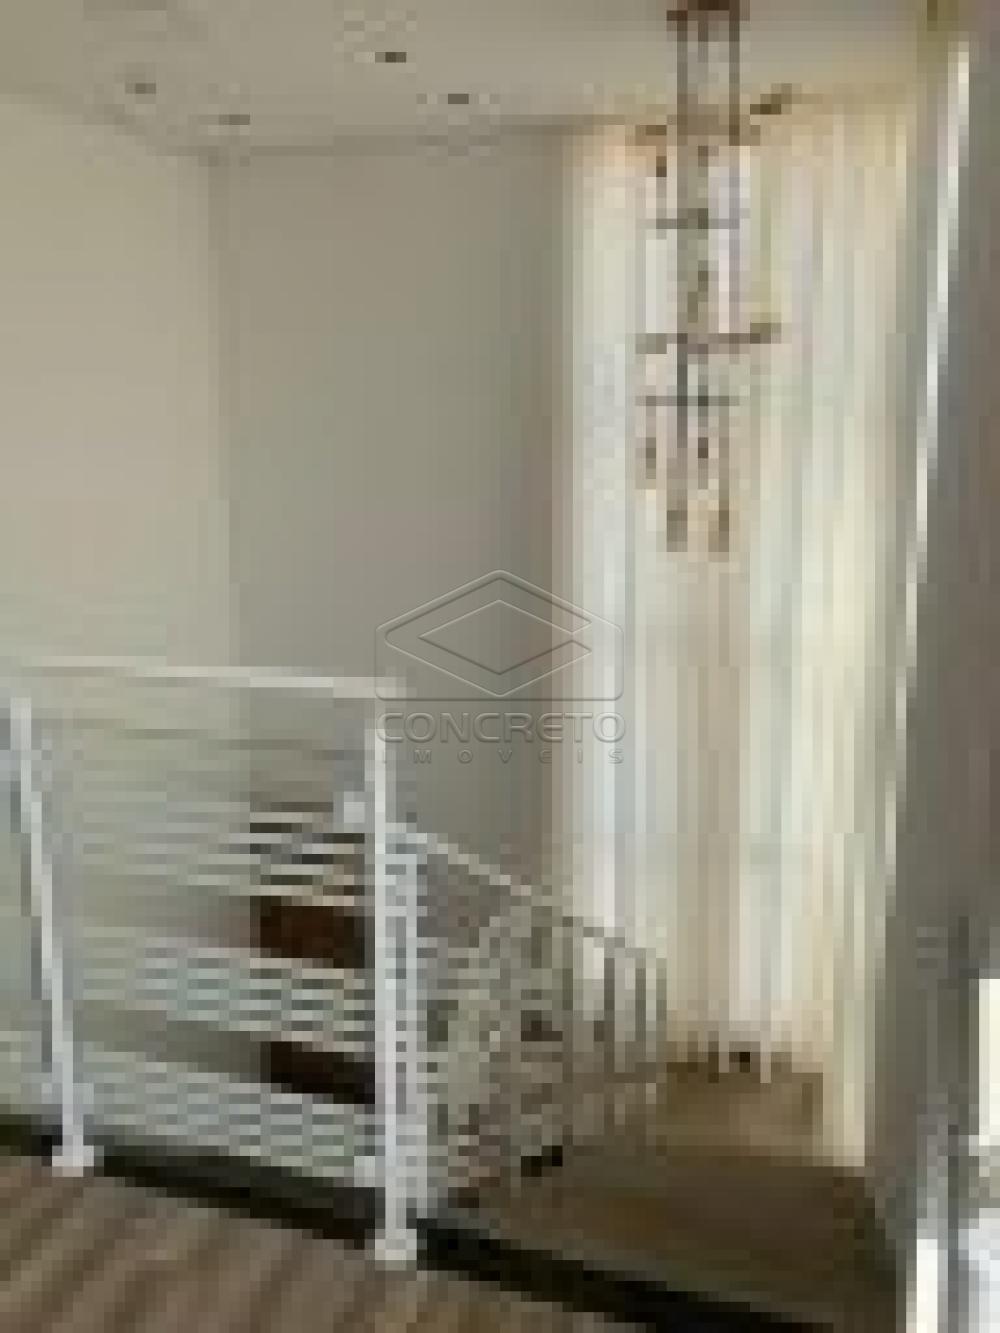 Comprar Casa / Padrão em Sao Manuel apenas R$ 650.000,00 - Foto 120